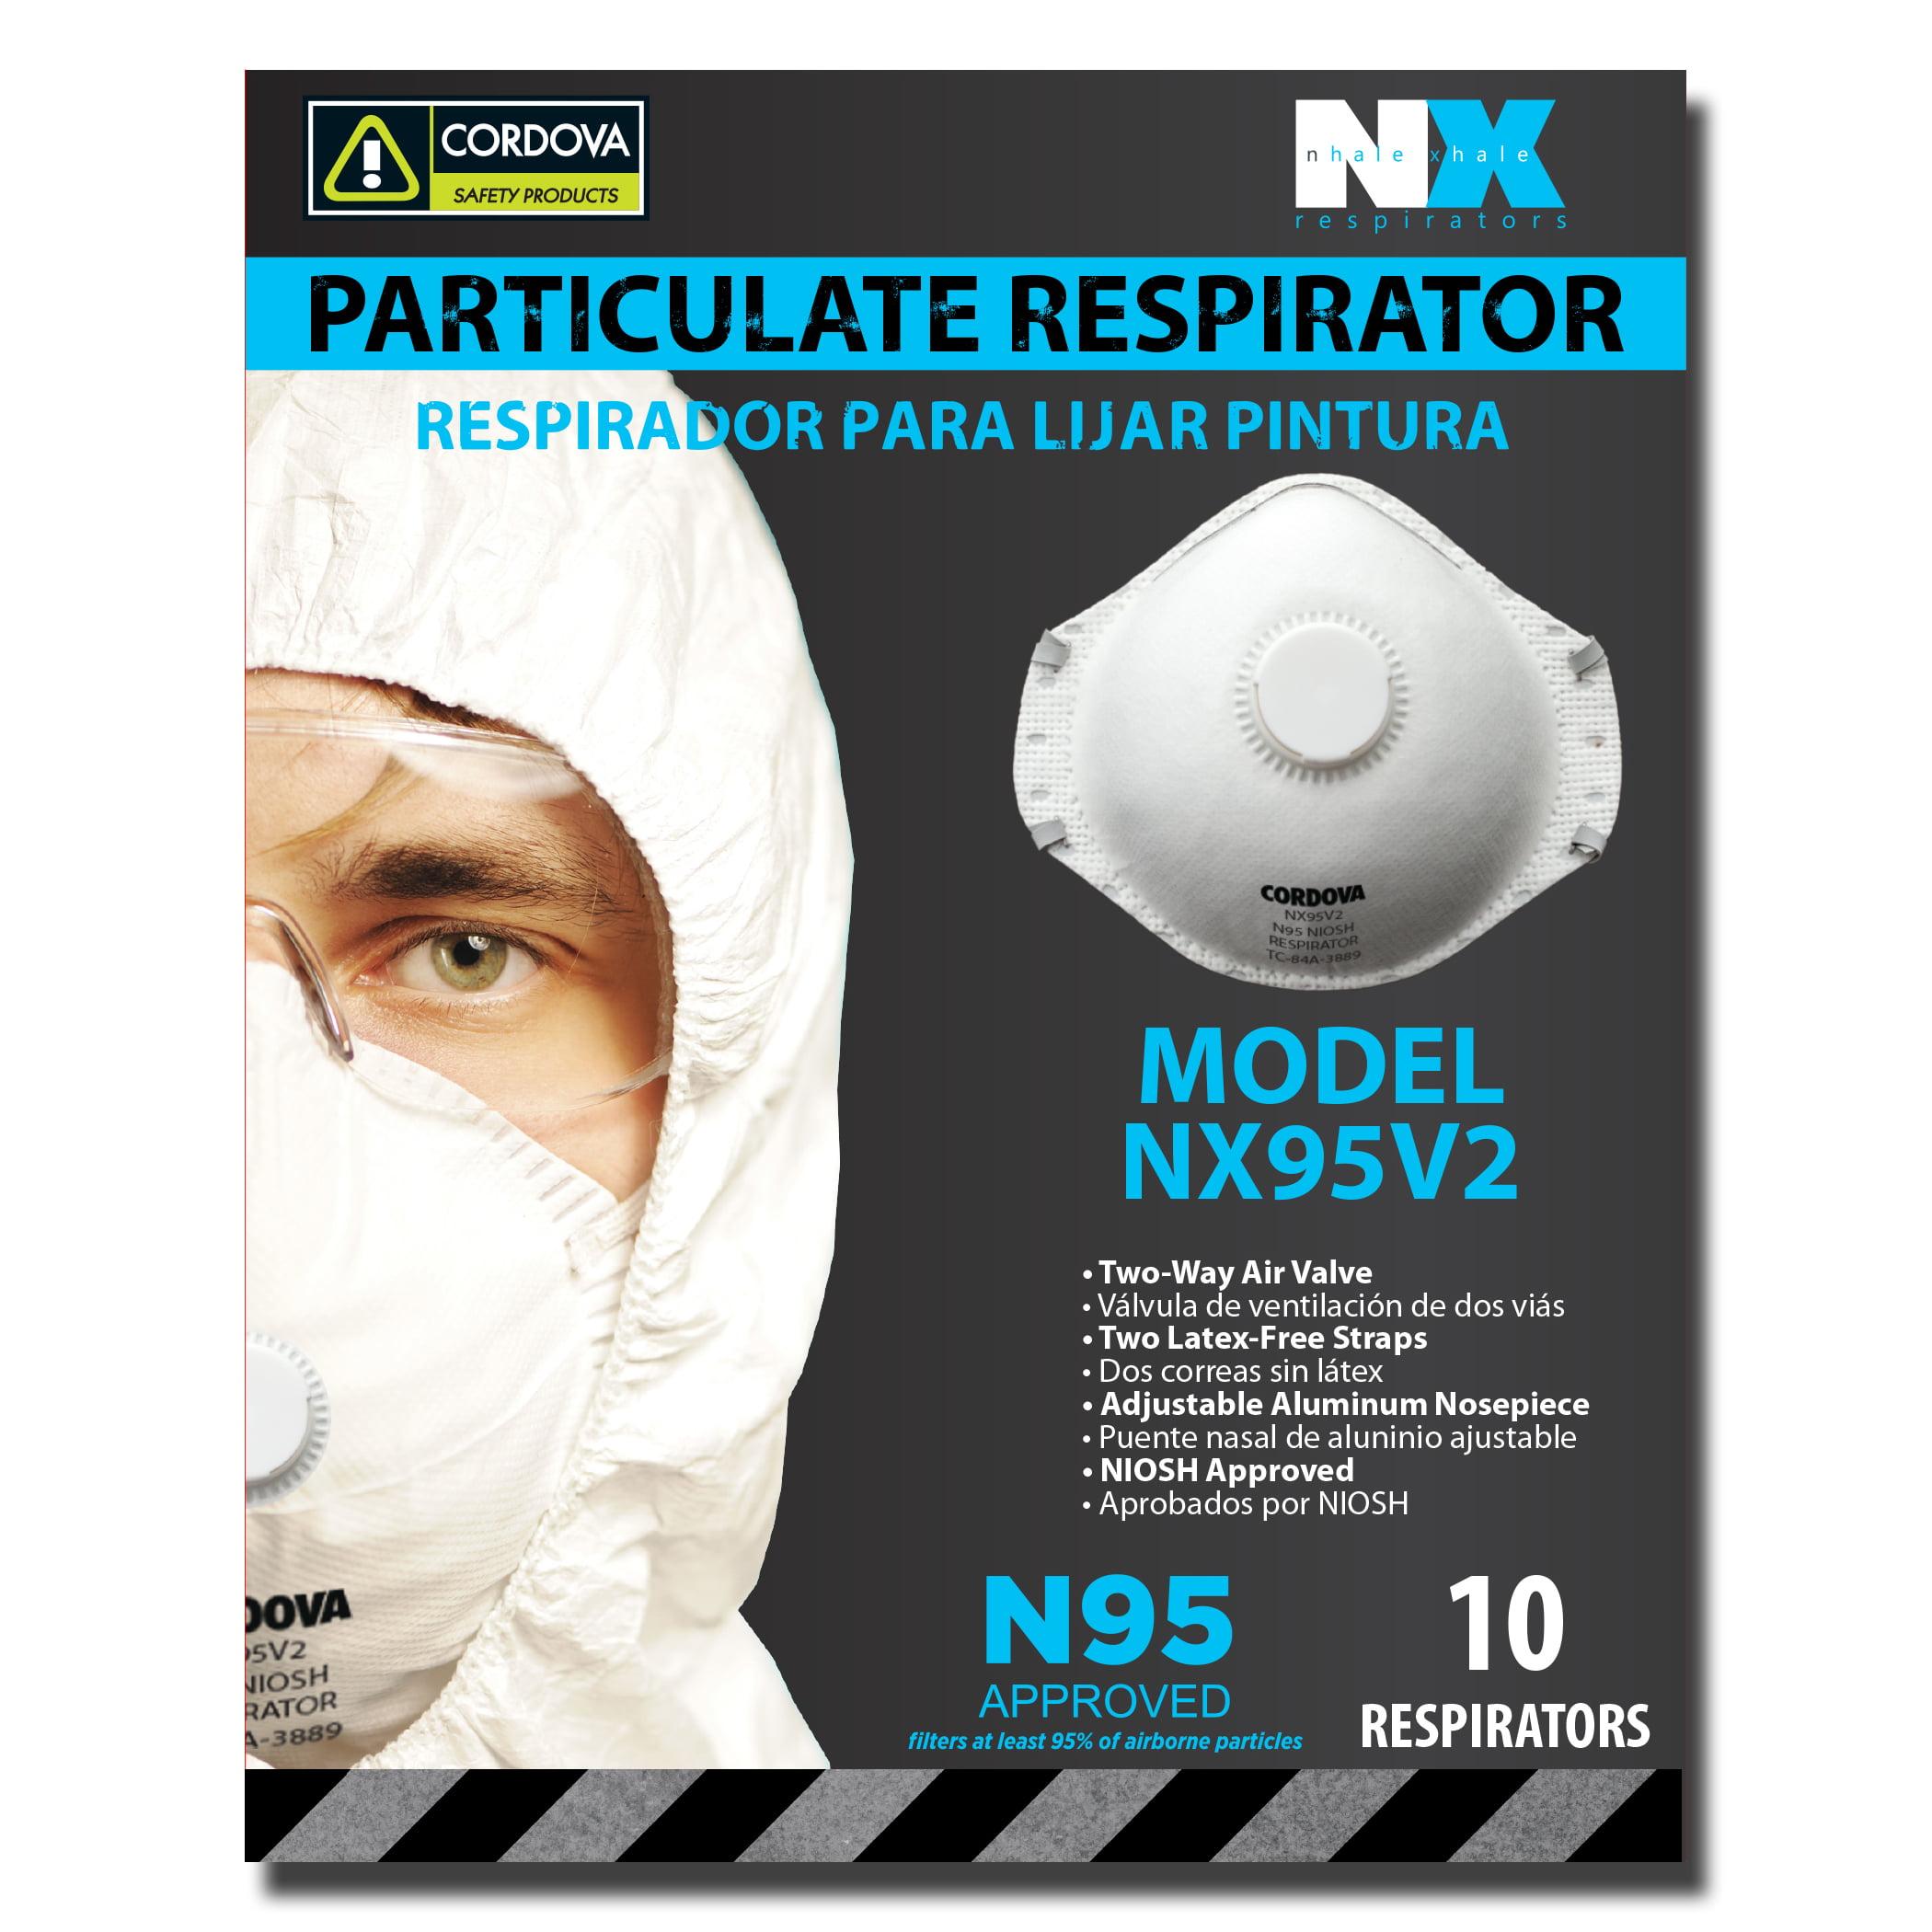 NX95V2